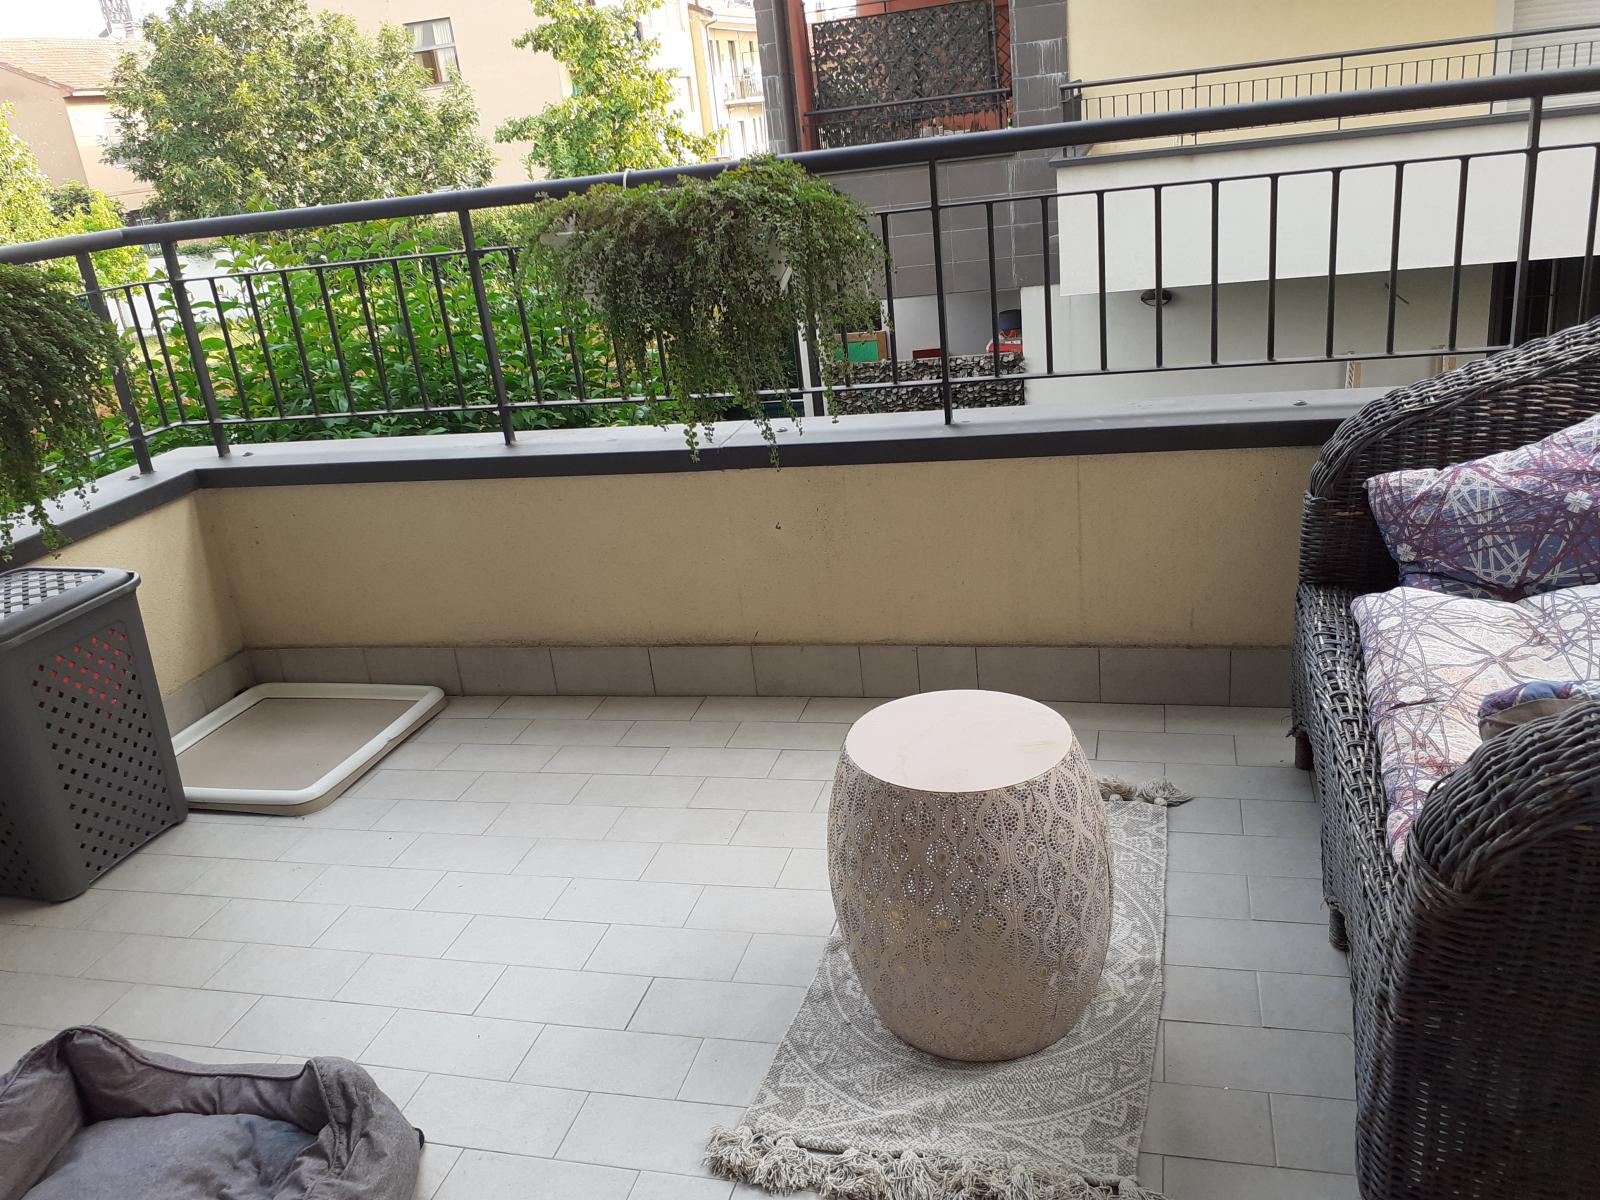 appartamento-open-space-milano-via-broggini-baggio-spaziourbano-immobiliare-vende-17